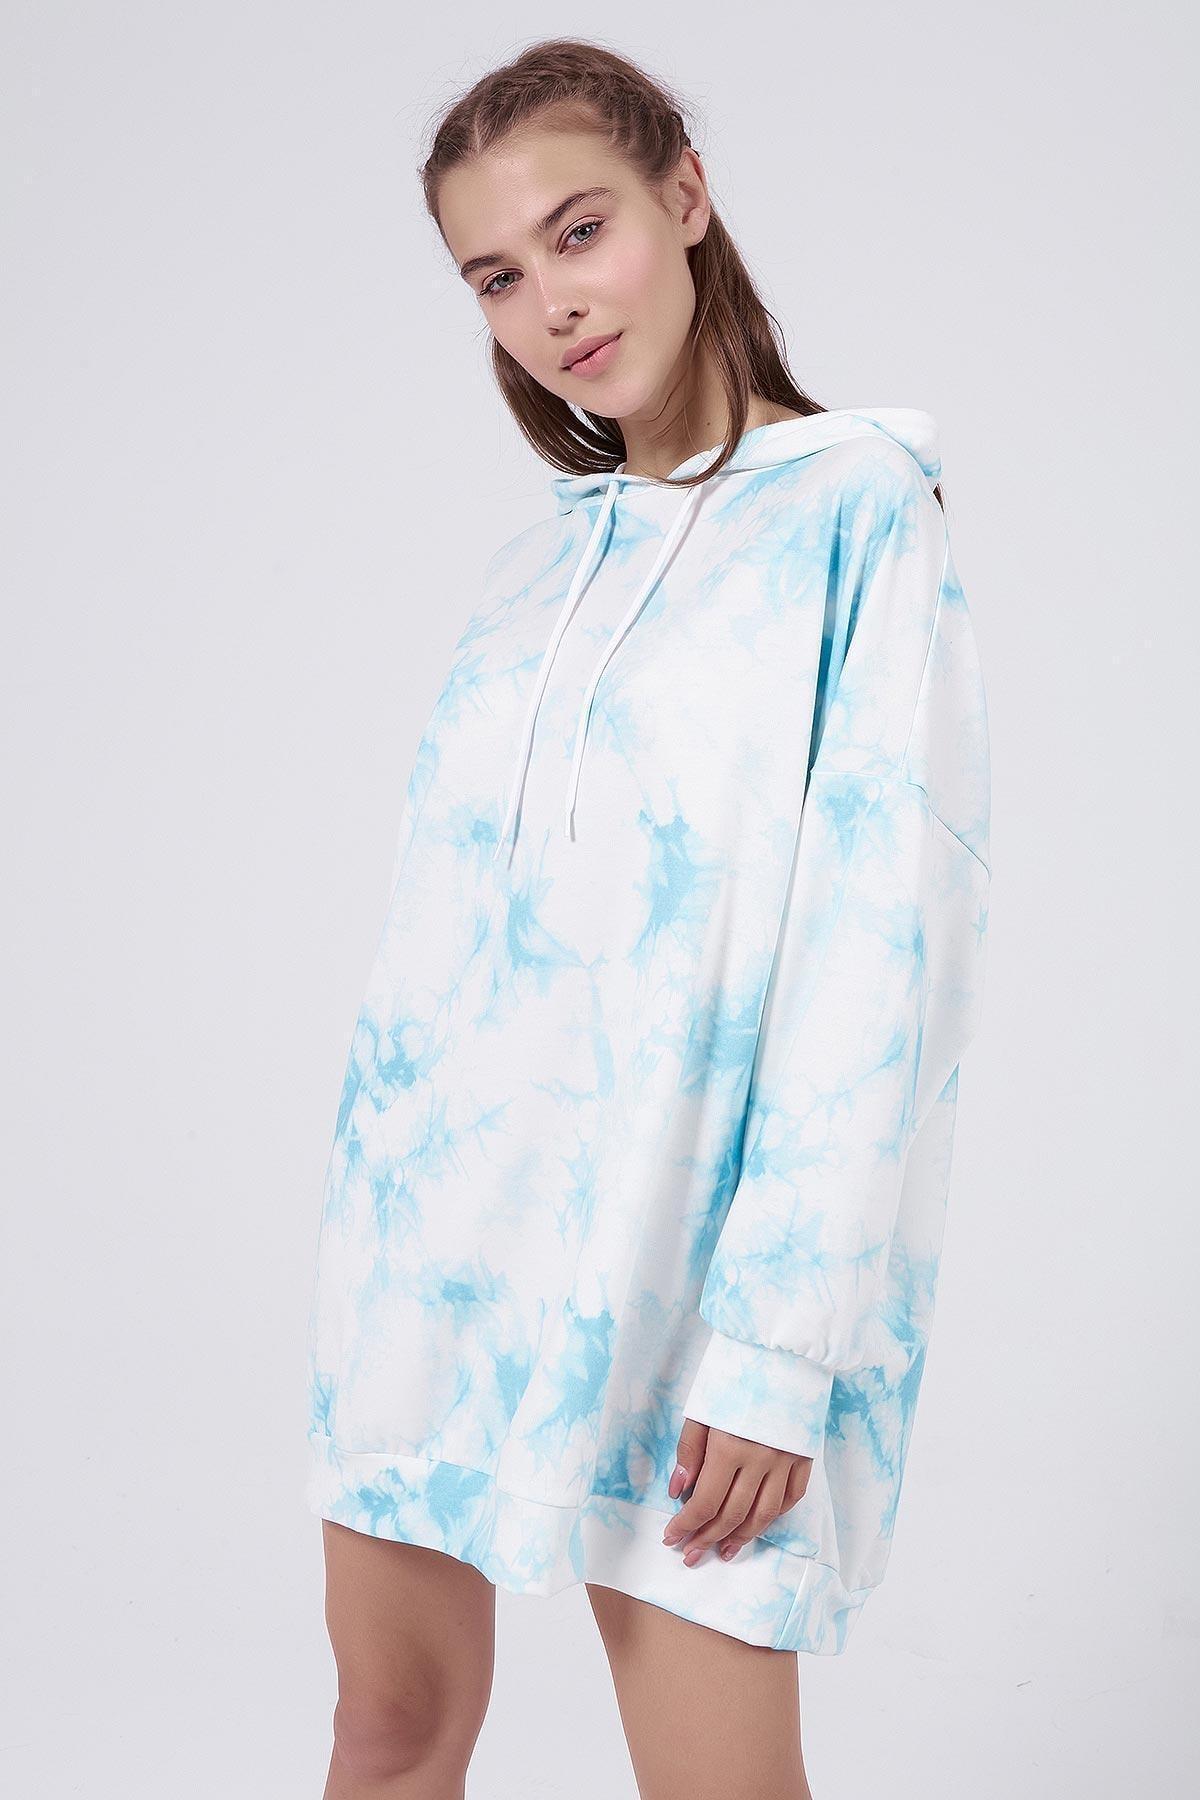 Pattaya Kadın Mavi Batik Desenli Kapşonlu Oversize Sweatshirt Elbise P20W-4145 0